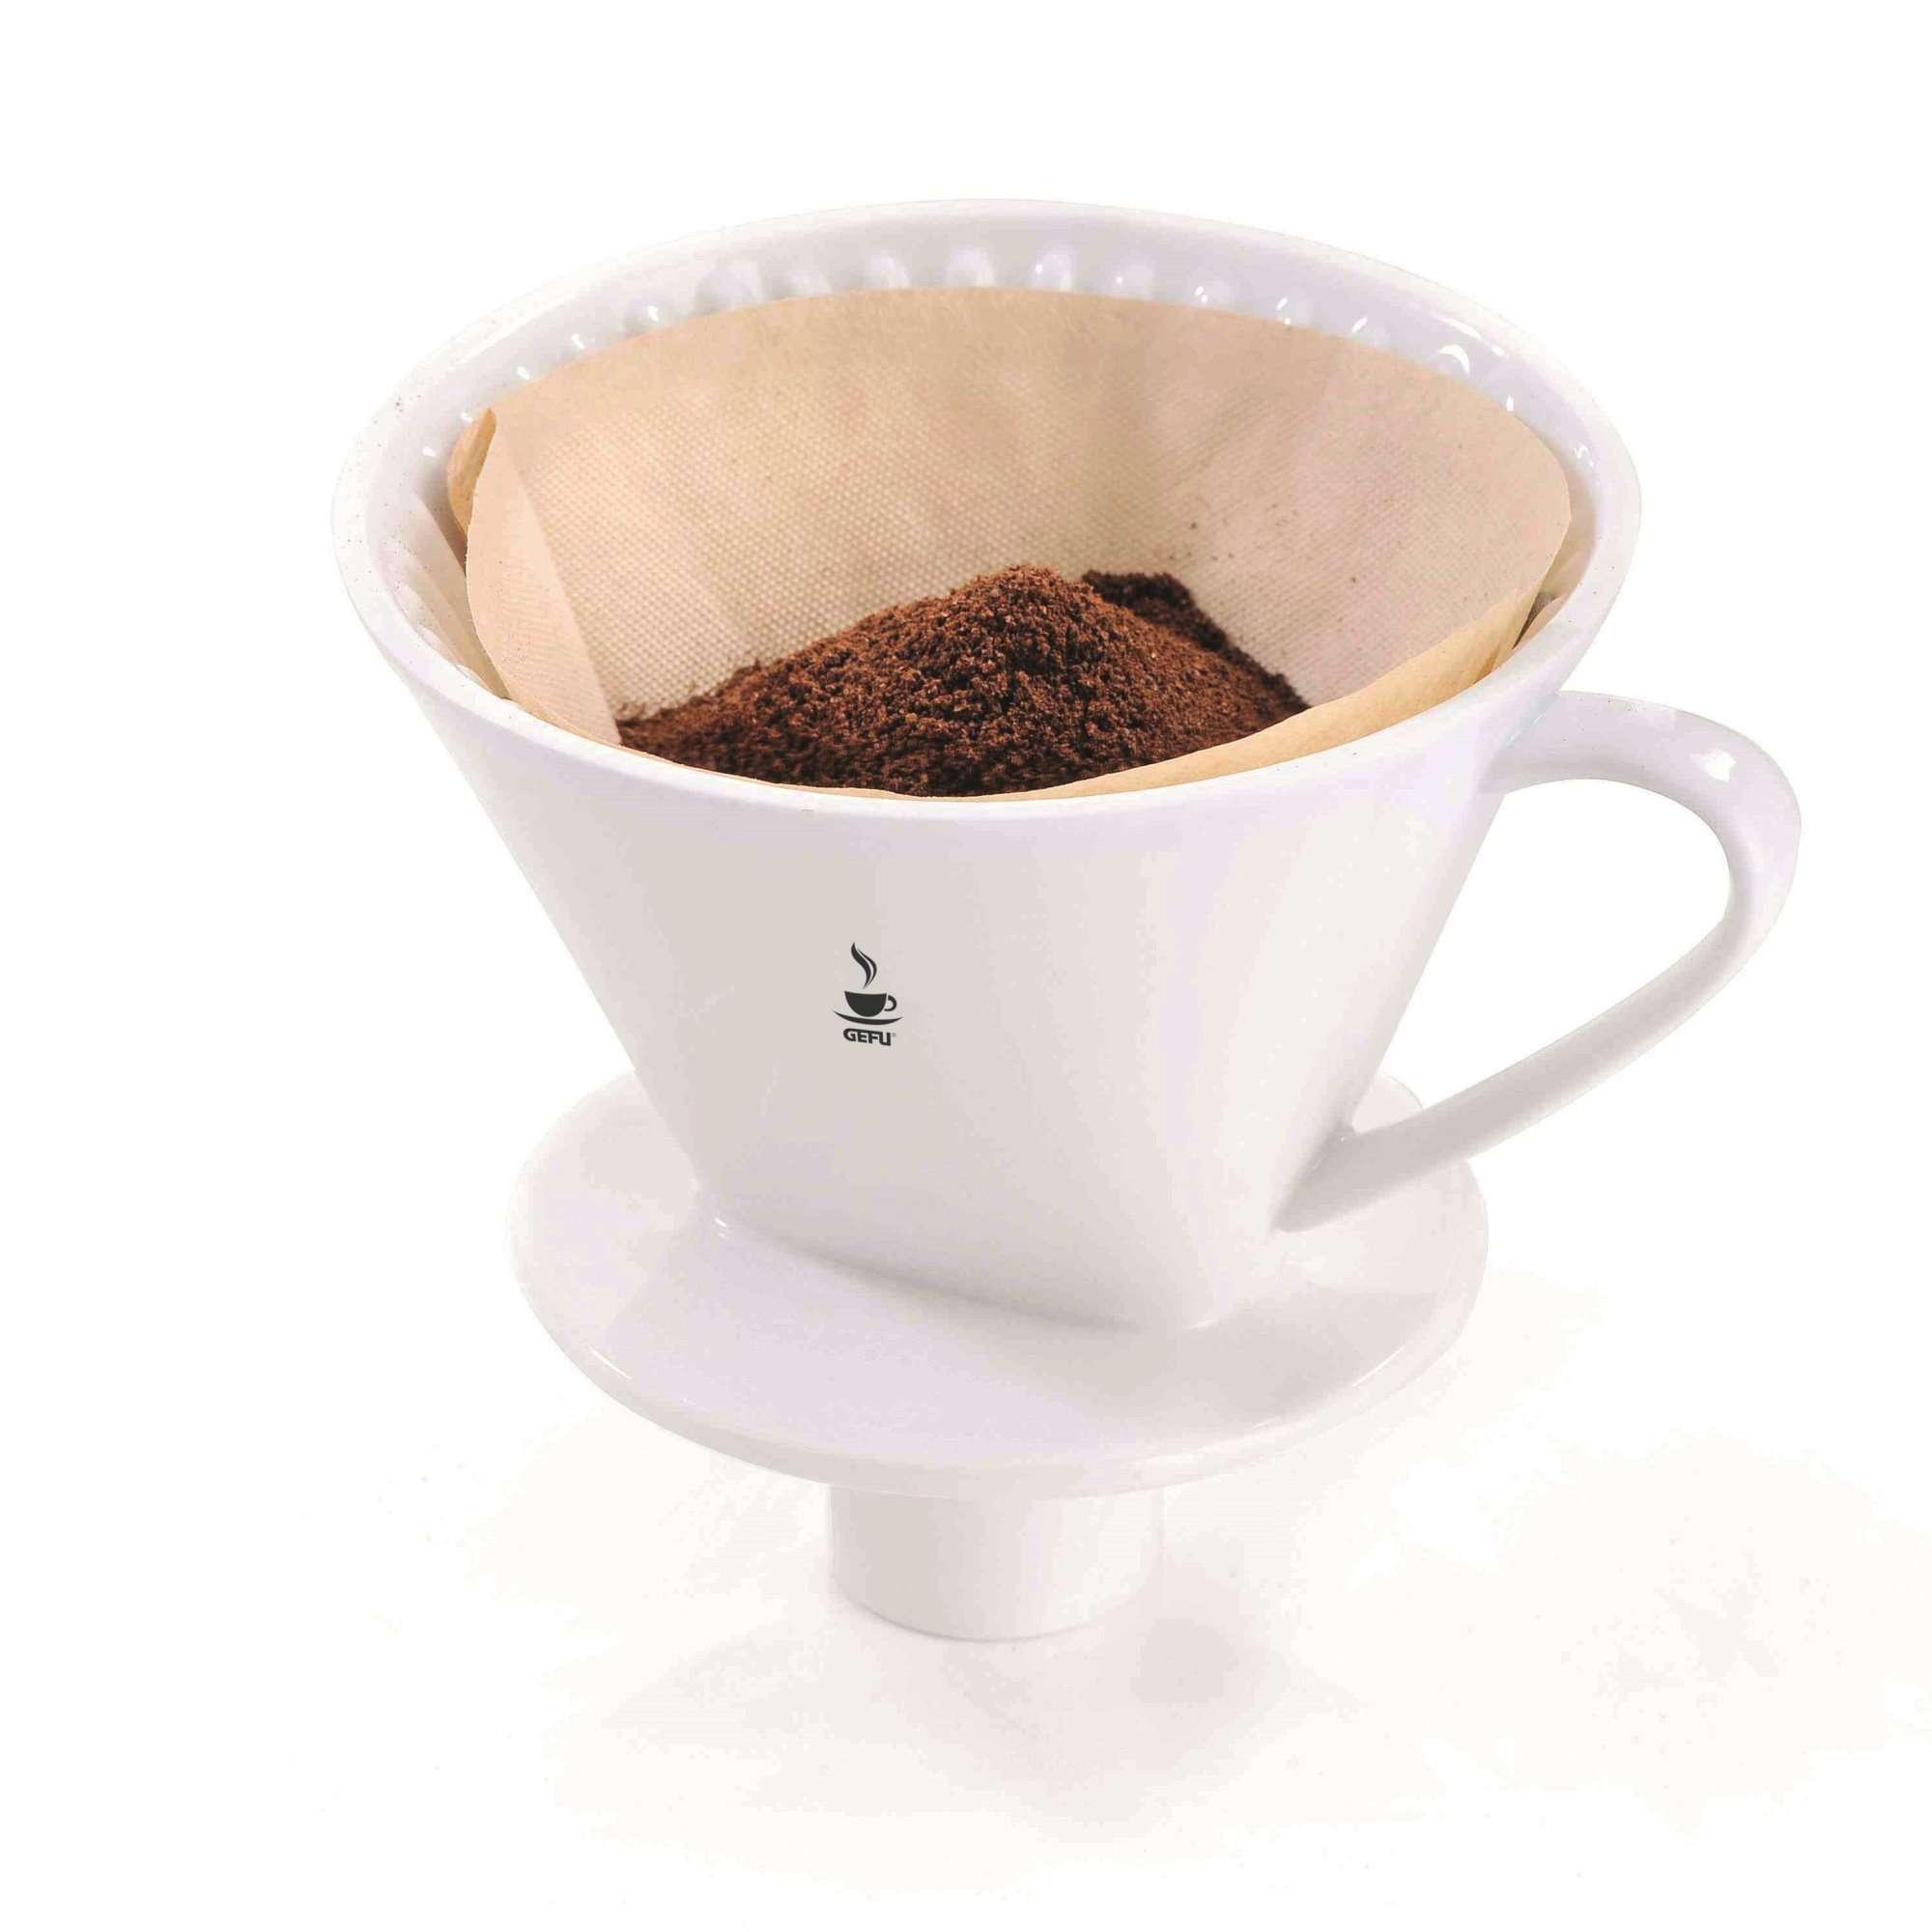 4 mit Stutzen und Tropfstopp Gefu Kaffeefilter Fabiano Gr